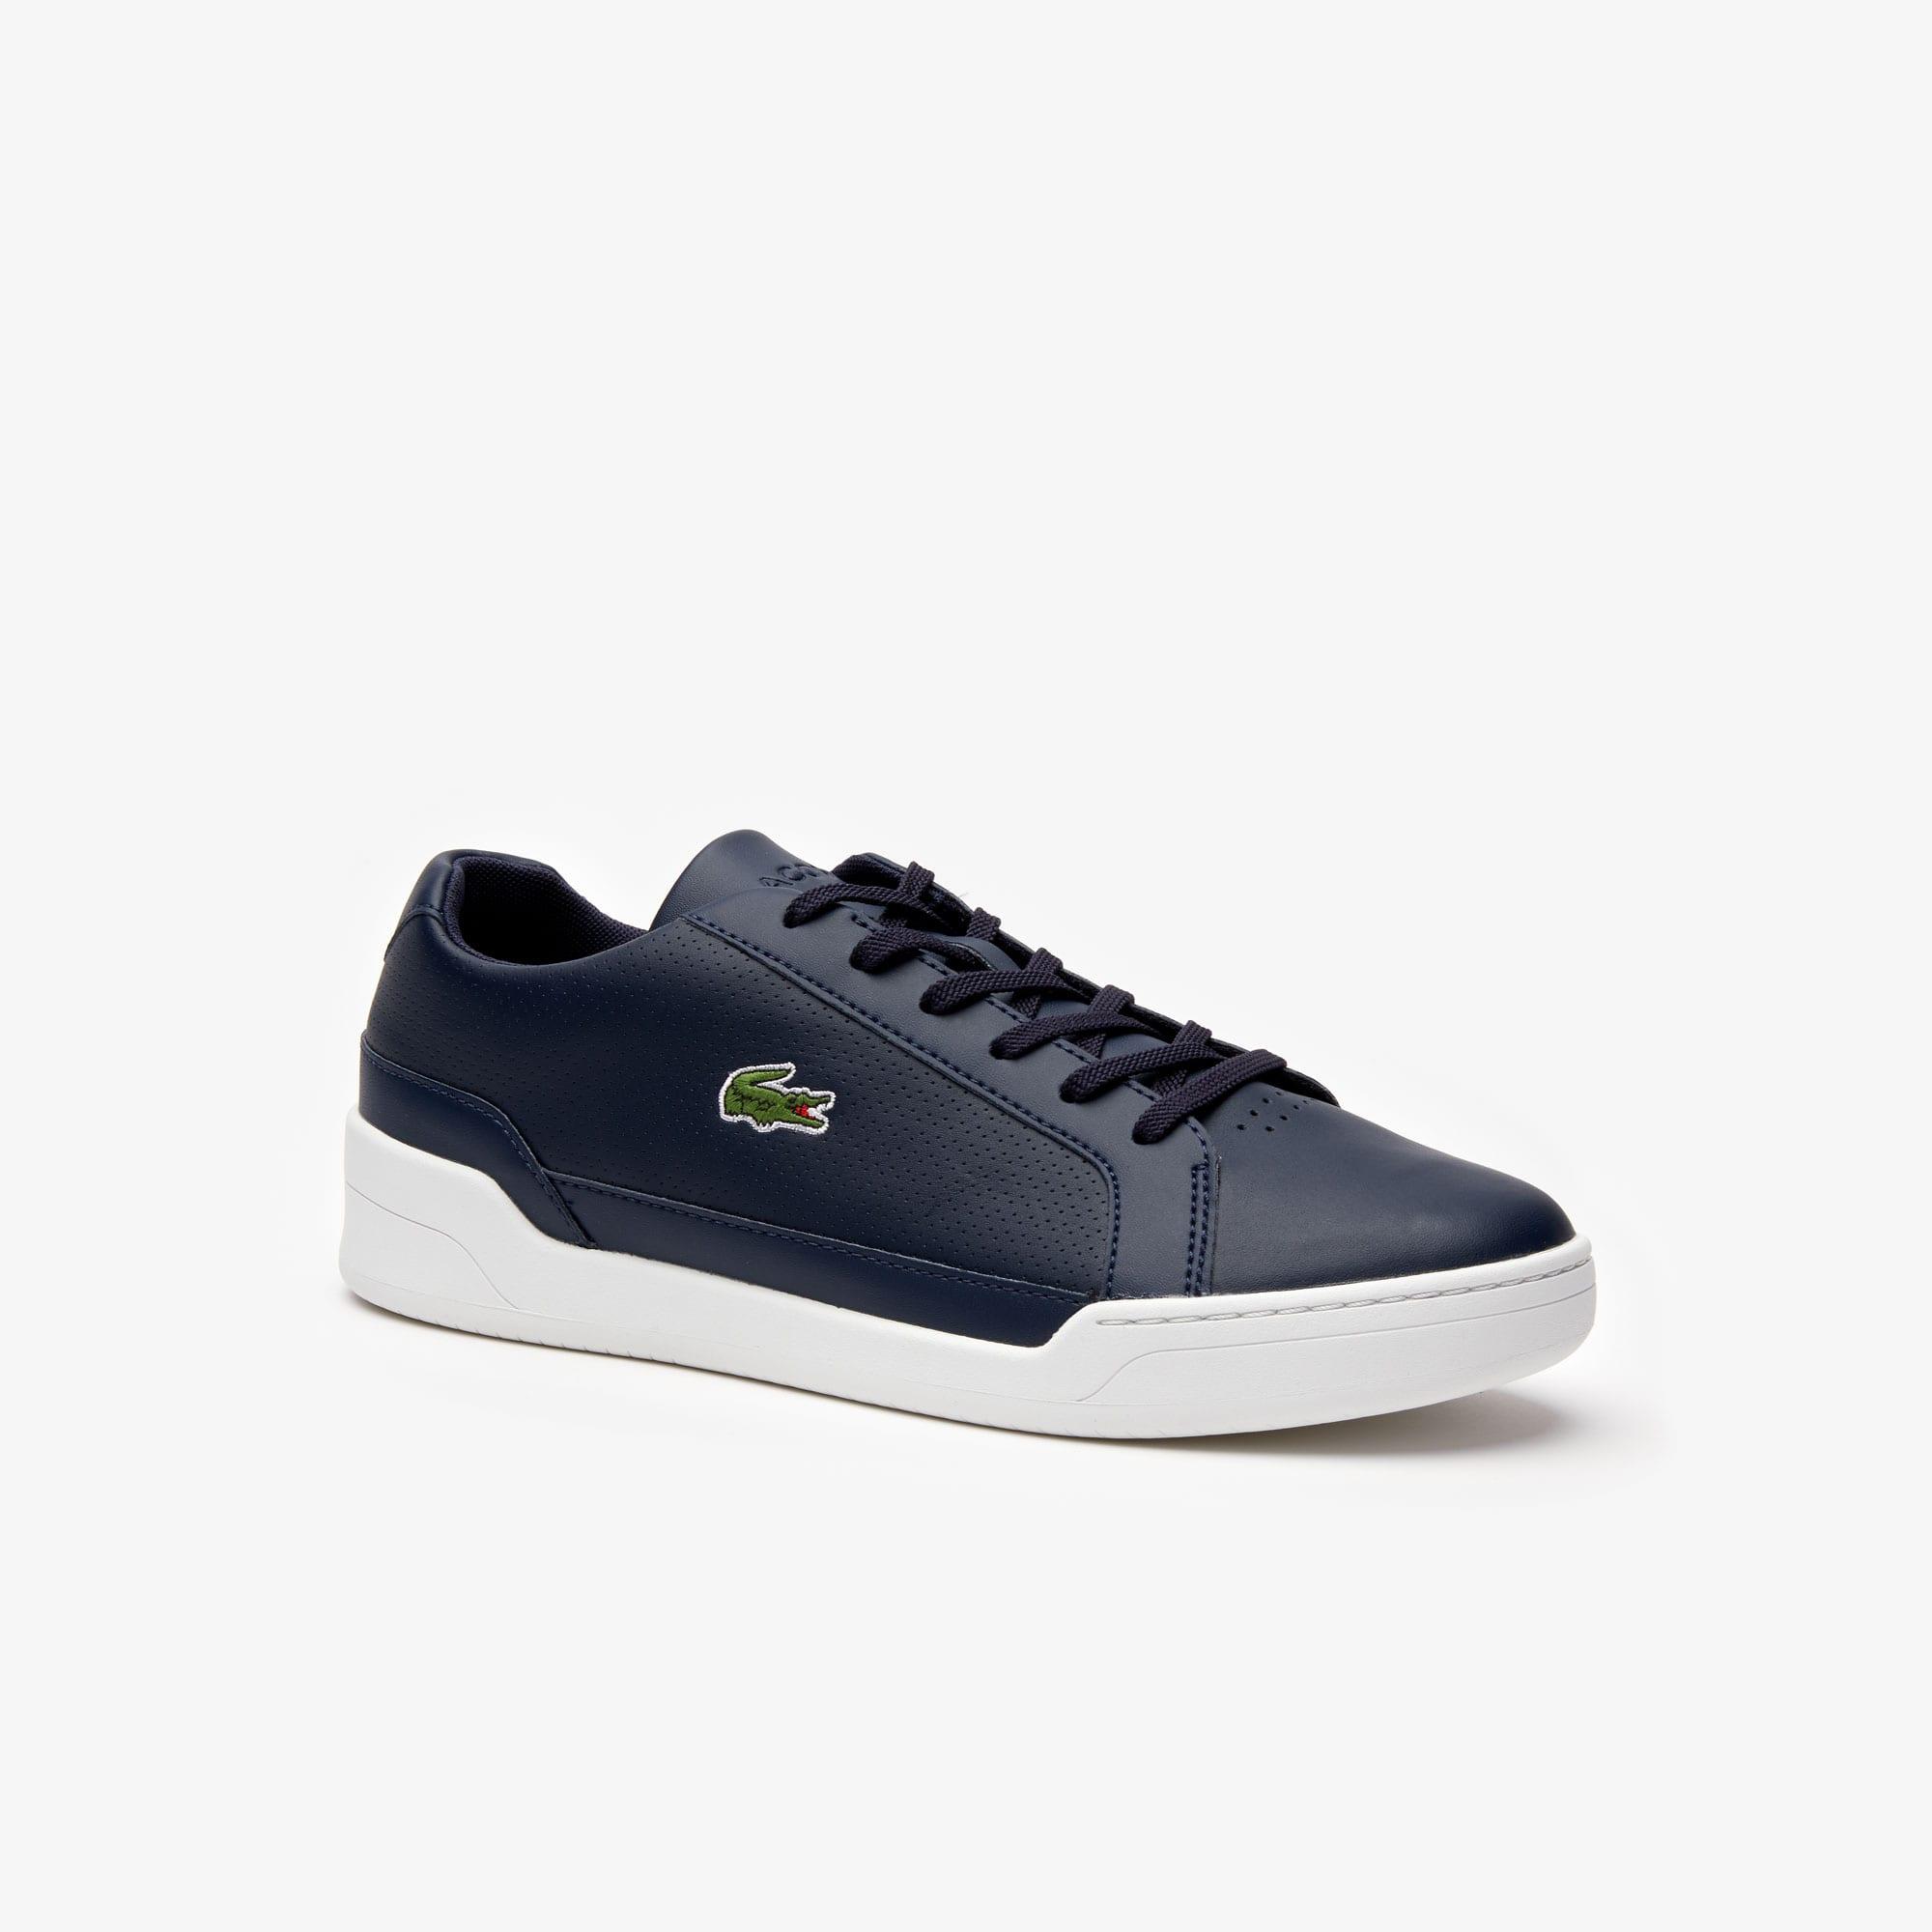 2e398ef5ce Men's Shoes | Shoes for Men | LACOSTE